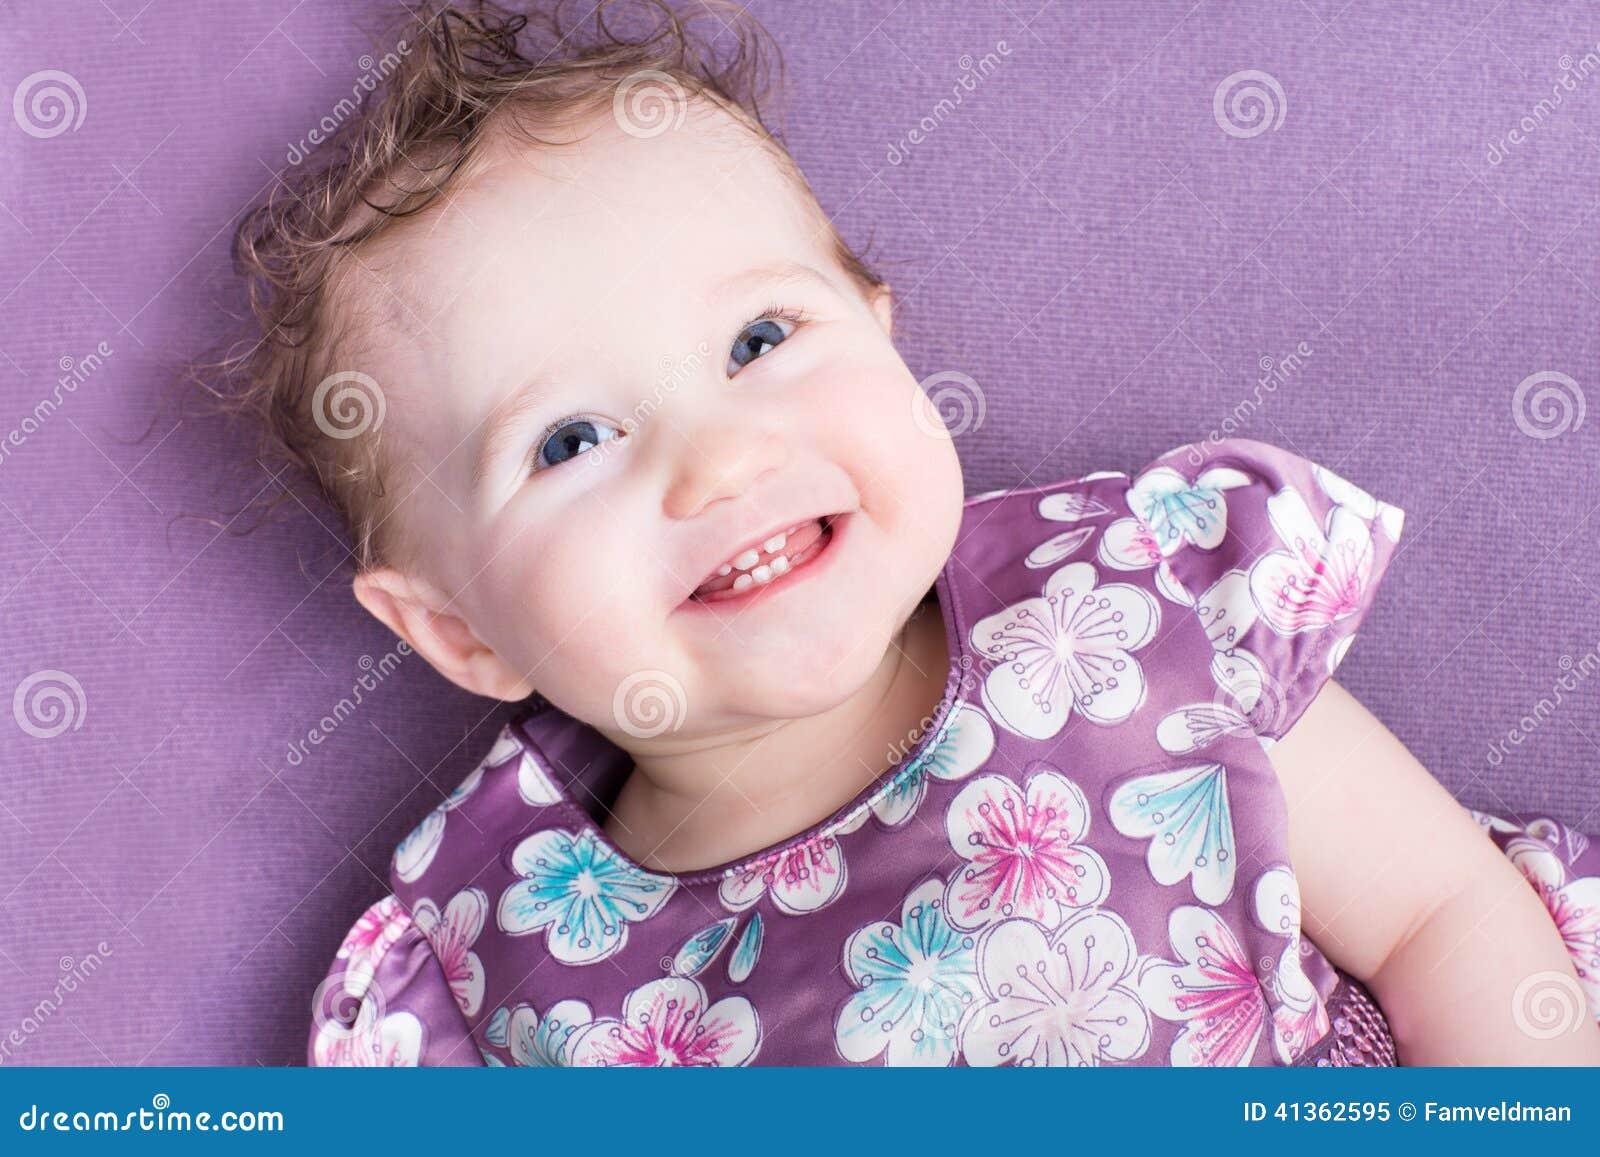 Célèbre Bébé Avec Les Cheveux Bouclés Portant Une Robe Pourpre Photo stock  BR61